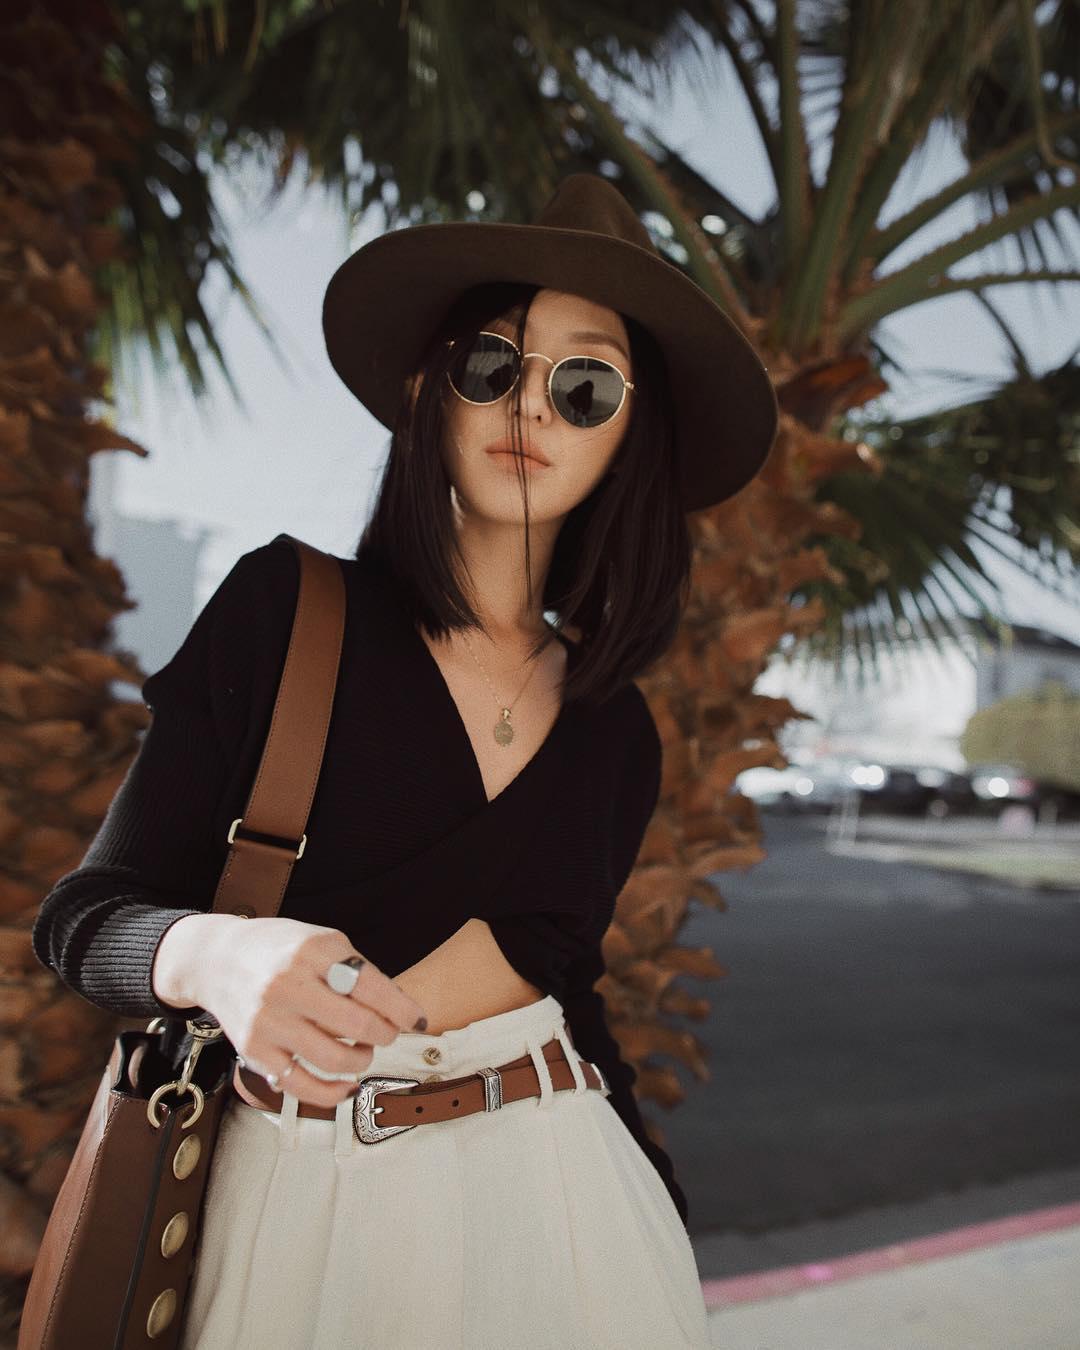 Áo lót nữ mùa Hè mặc cùng áo crop-top cổ chữ V